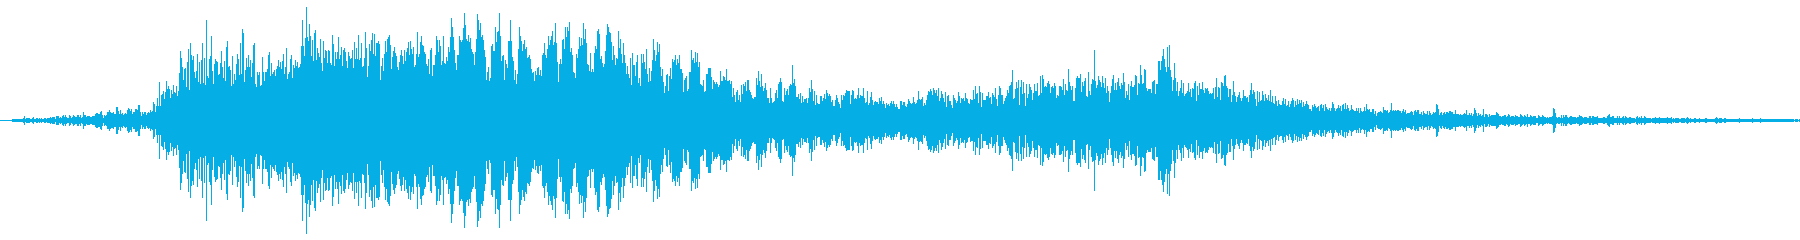 斬撃音!(刀や剣で斬る/刺す効果音)9bの再生済みの波形